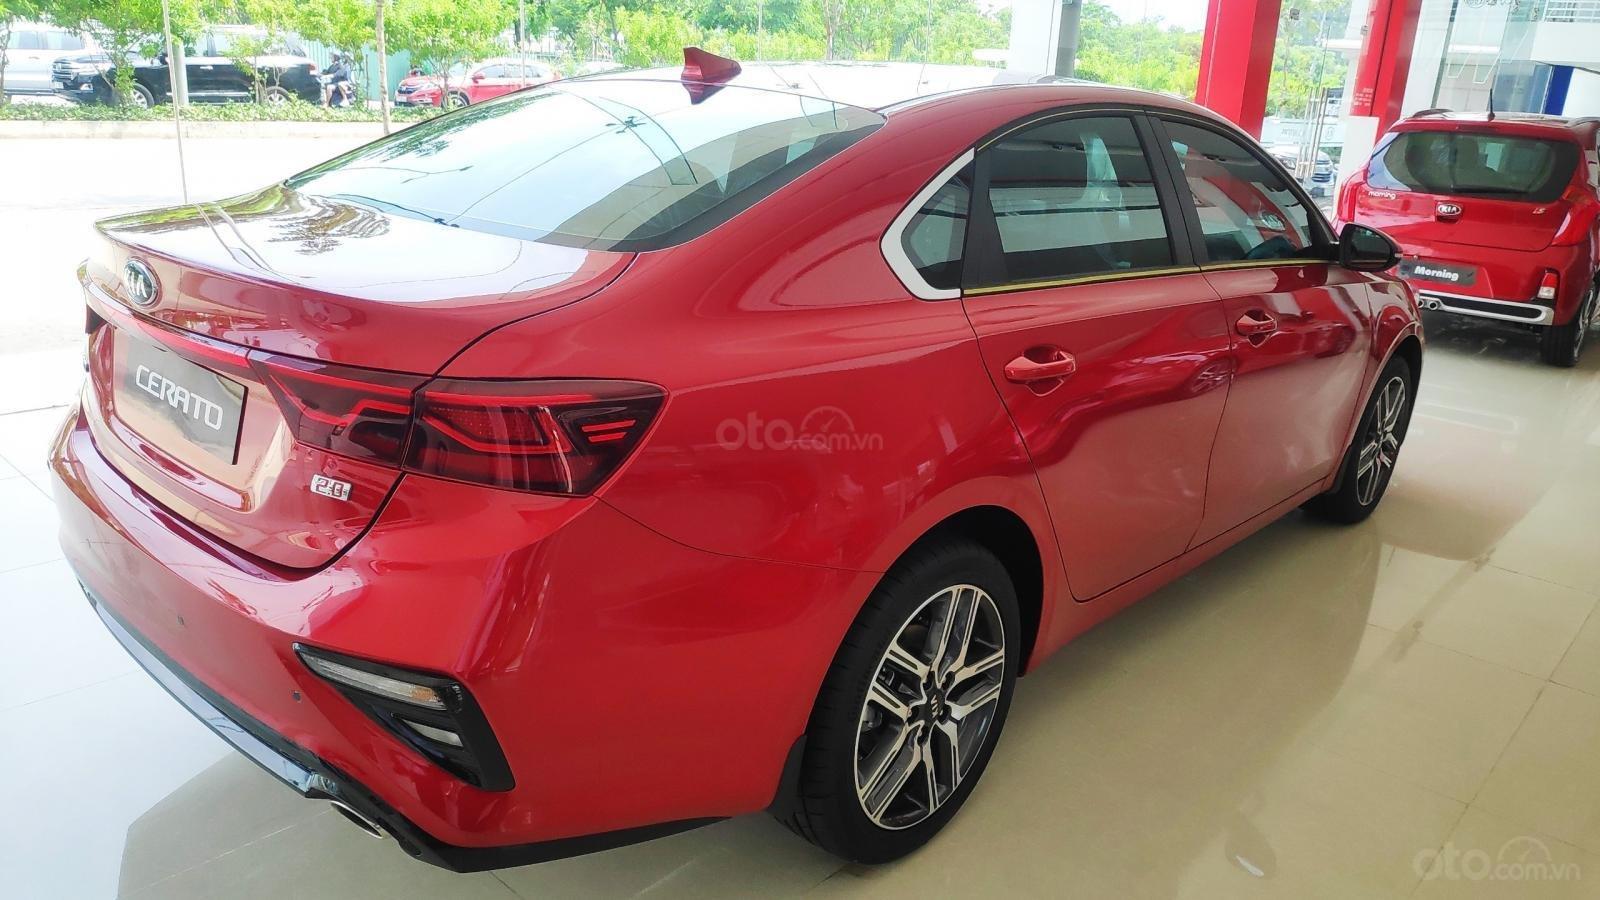 Kia Cerato Premium đặc biệt - giảm giá tiền mặt + tặng bảo hiểm xe + phụ kiện - liên hệ PKD Kia Thảo Điền 0961.563.593 (7)